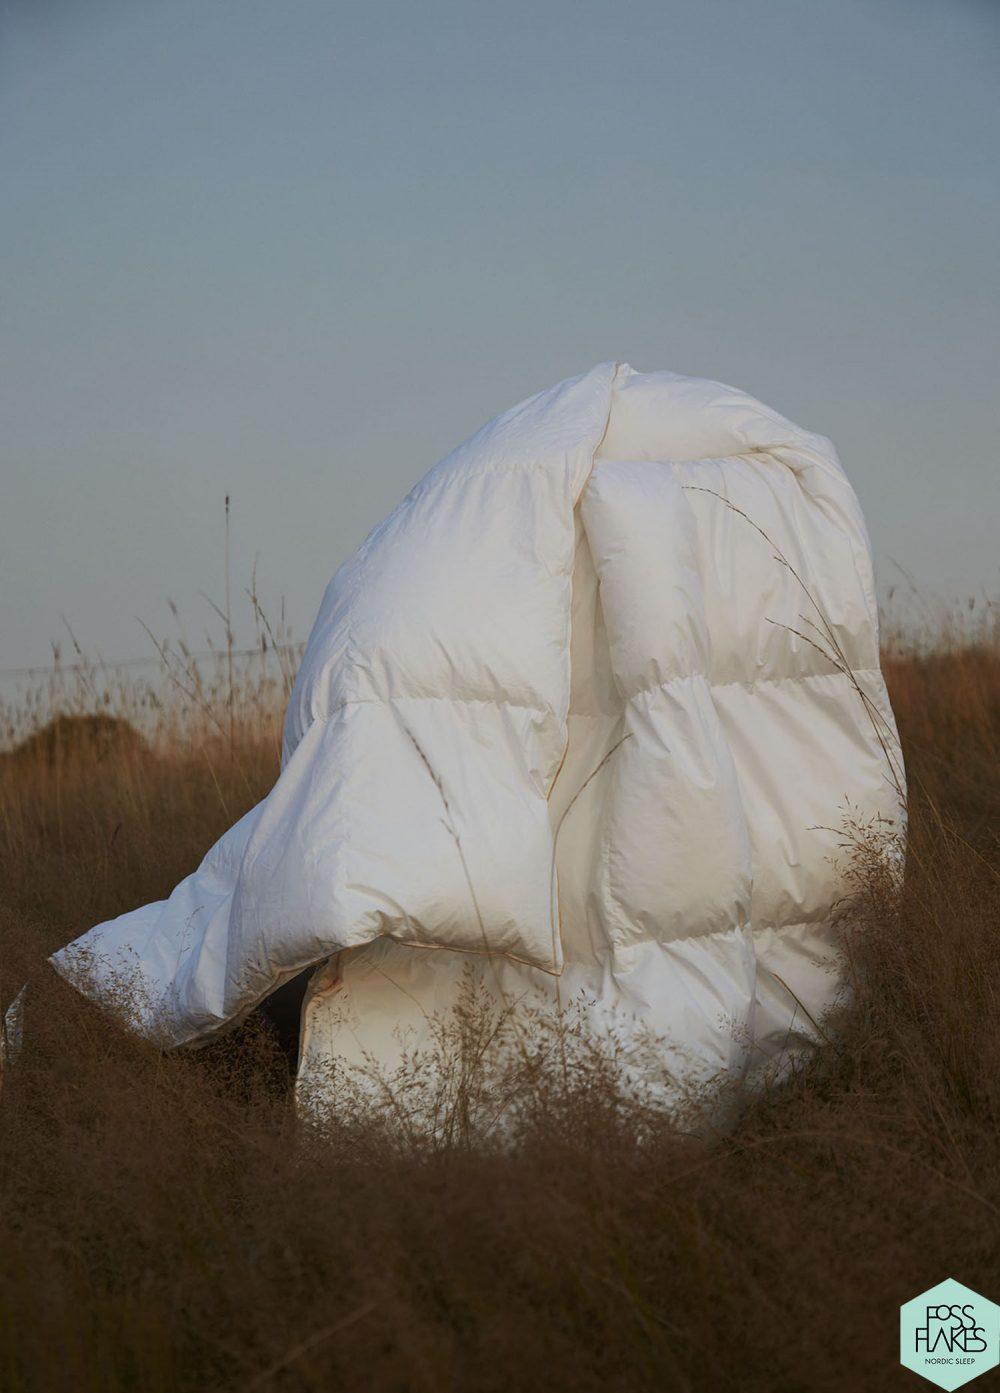 Одеяло теплое FOSSFLAKES AUTUMN (Дания)